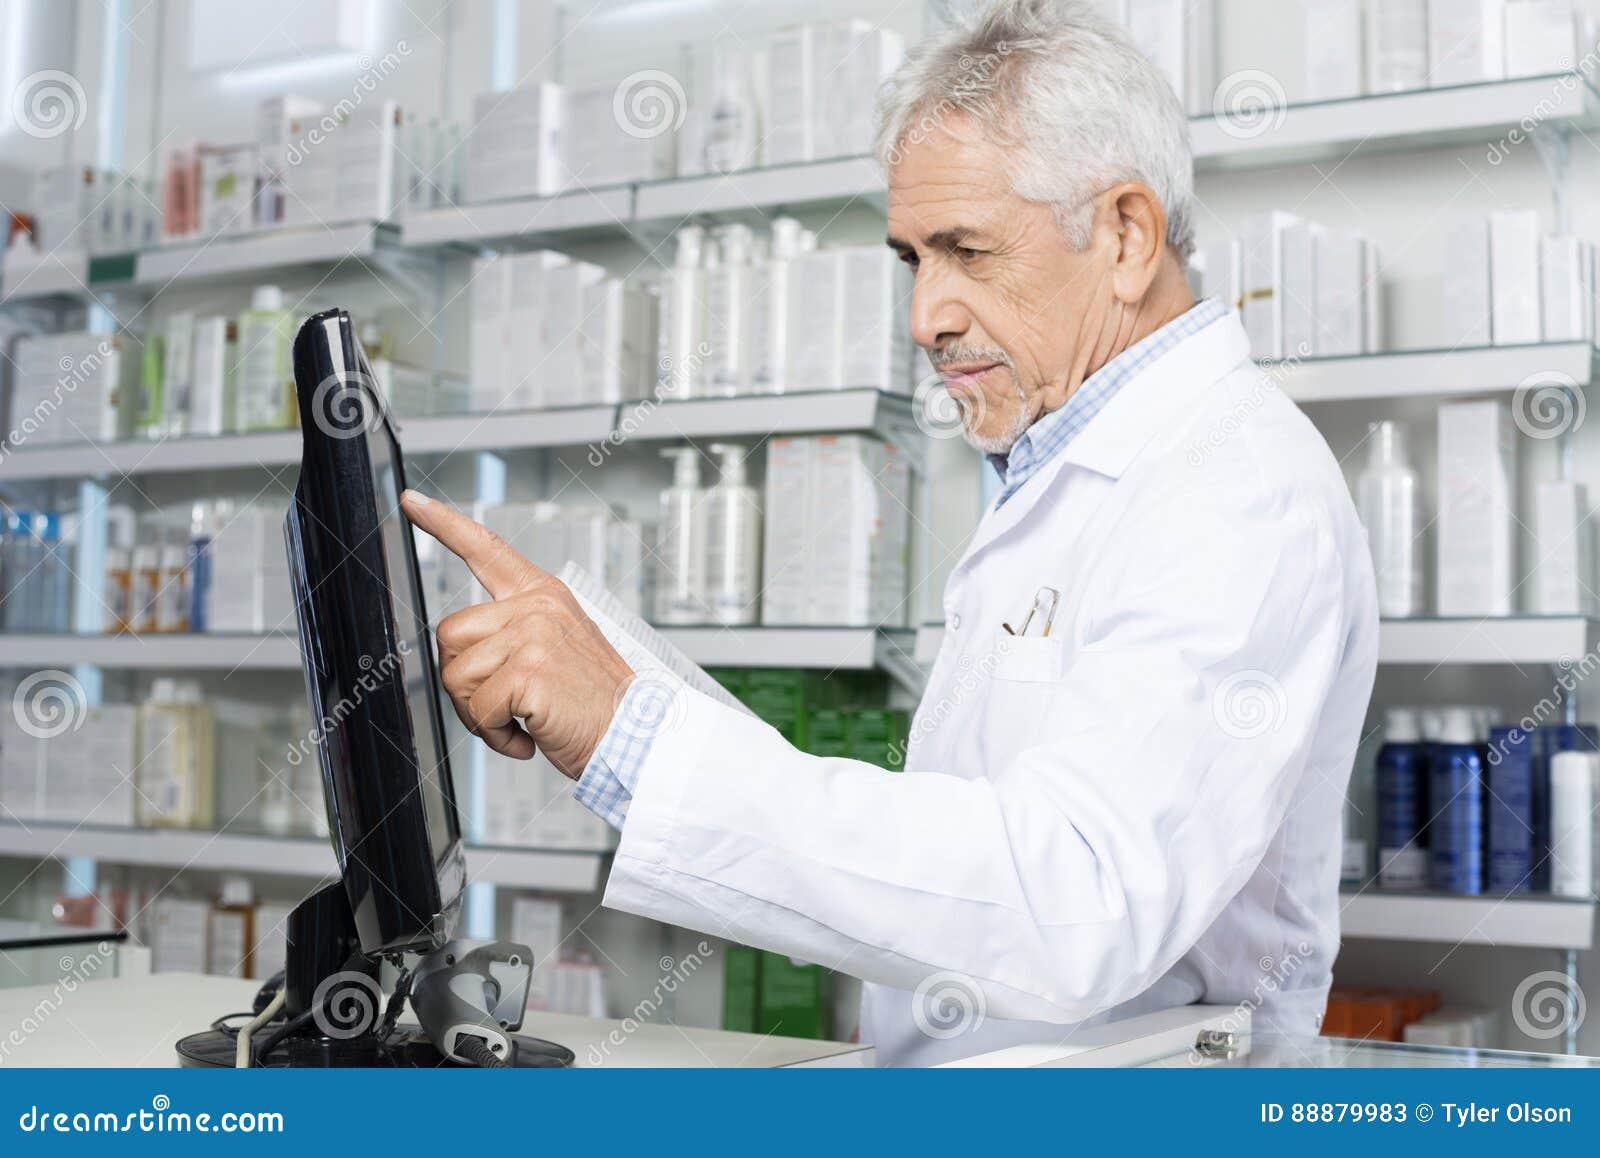 Farmacéutico de sexo masculino Touching Monitor Screen en farmacia